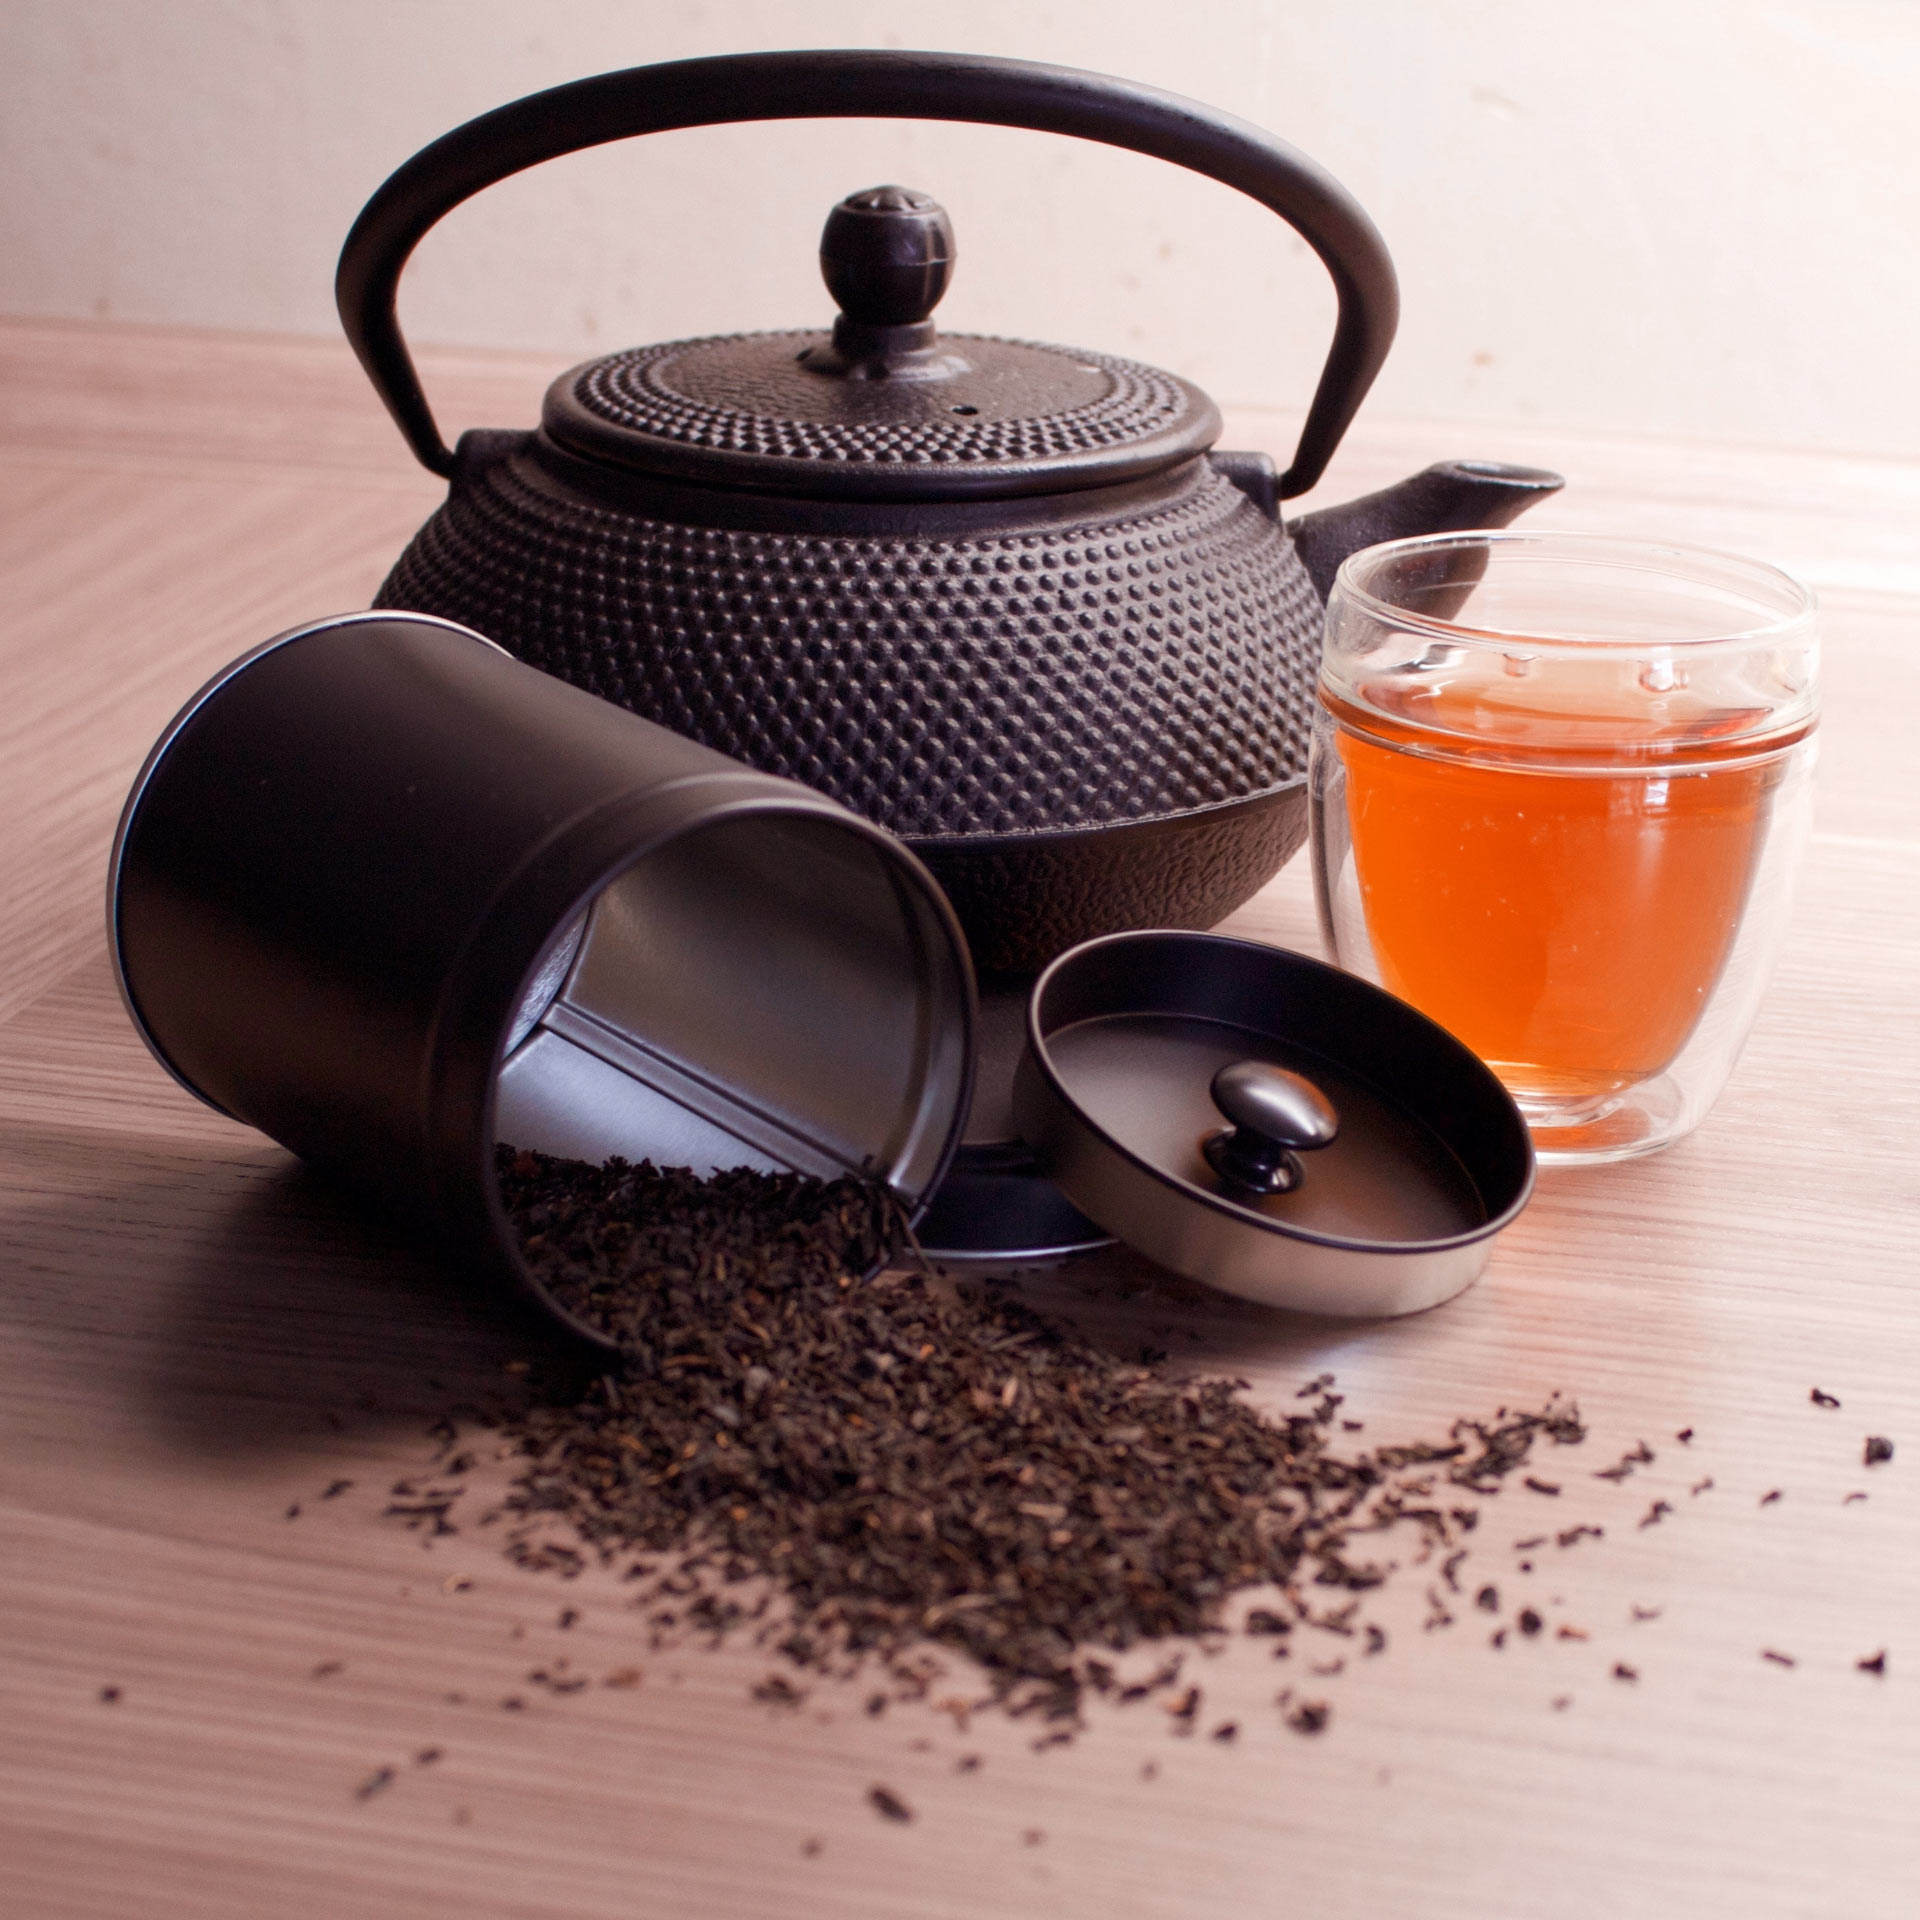 درمان دیابت با چای سیاه در طب سنتی